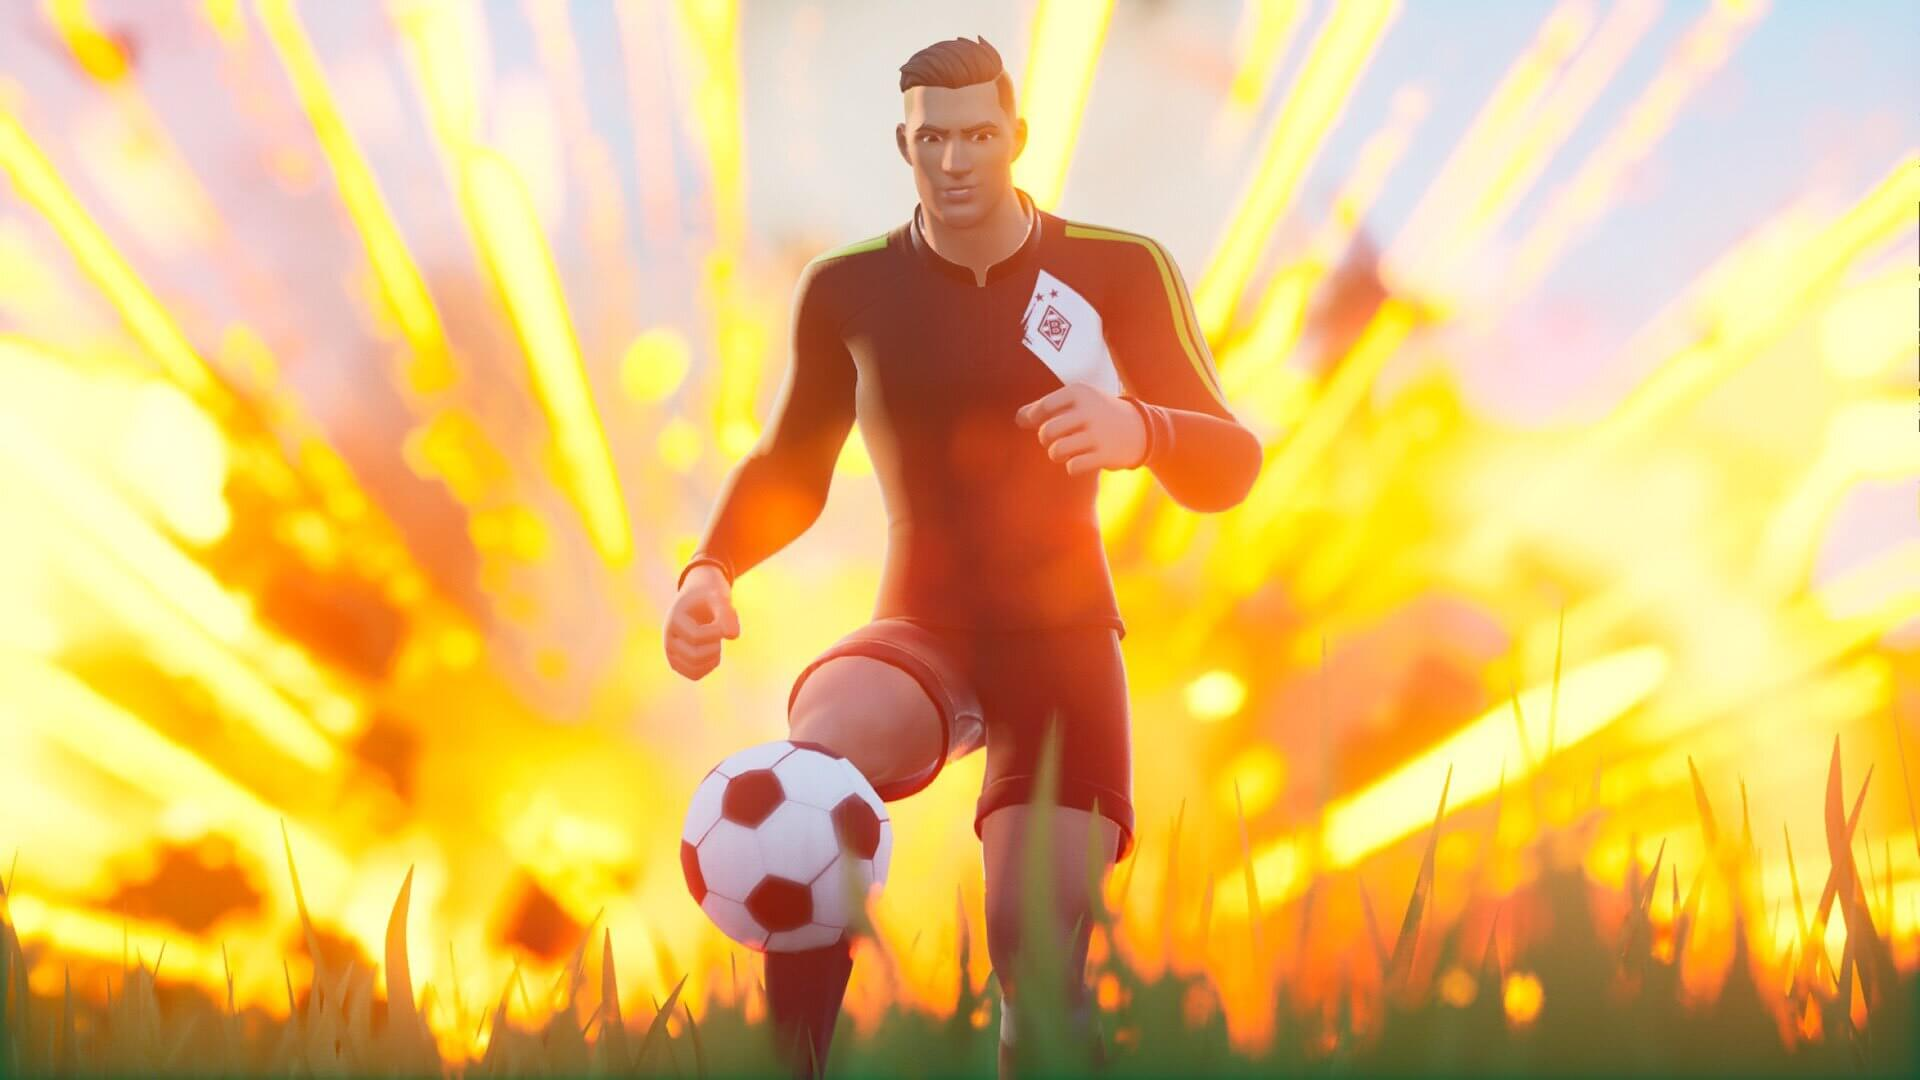 SheHulkFn Soccer Fortography